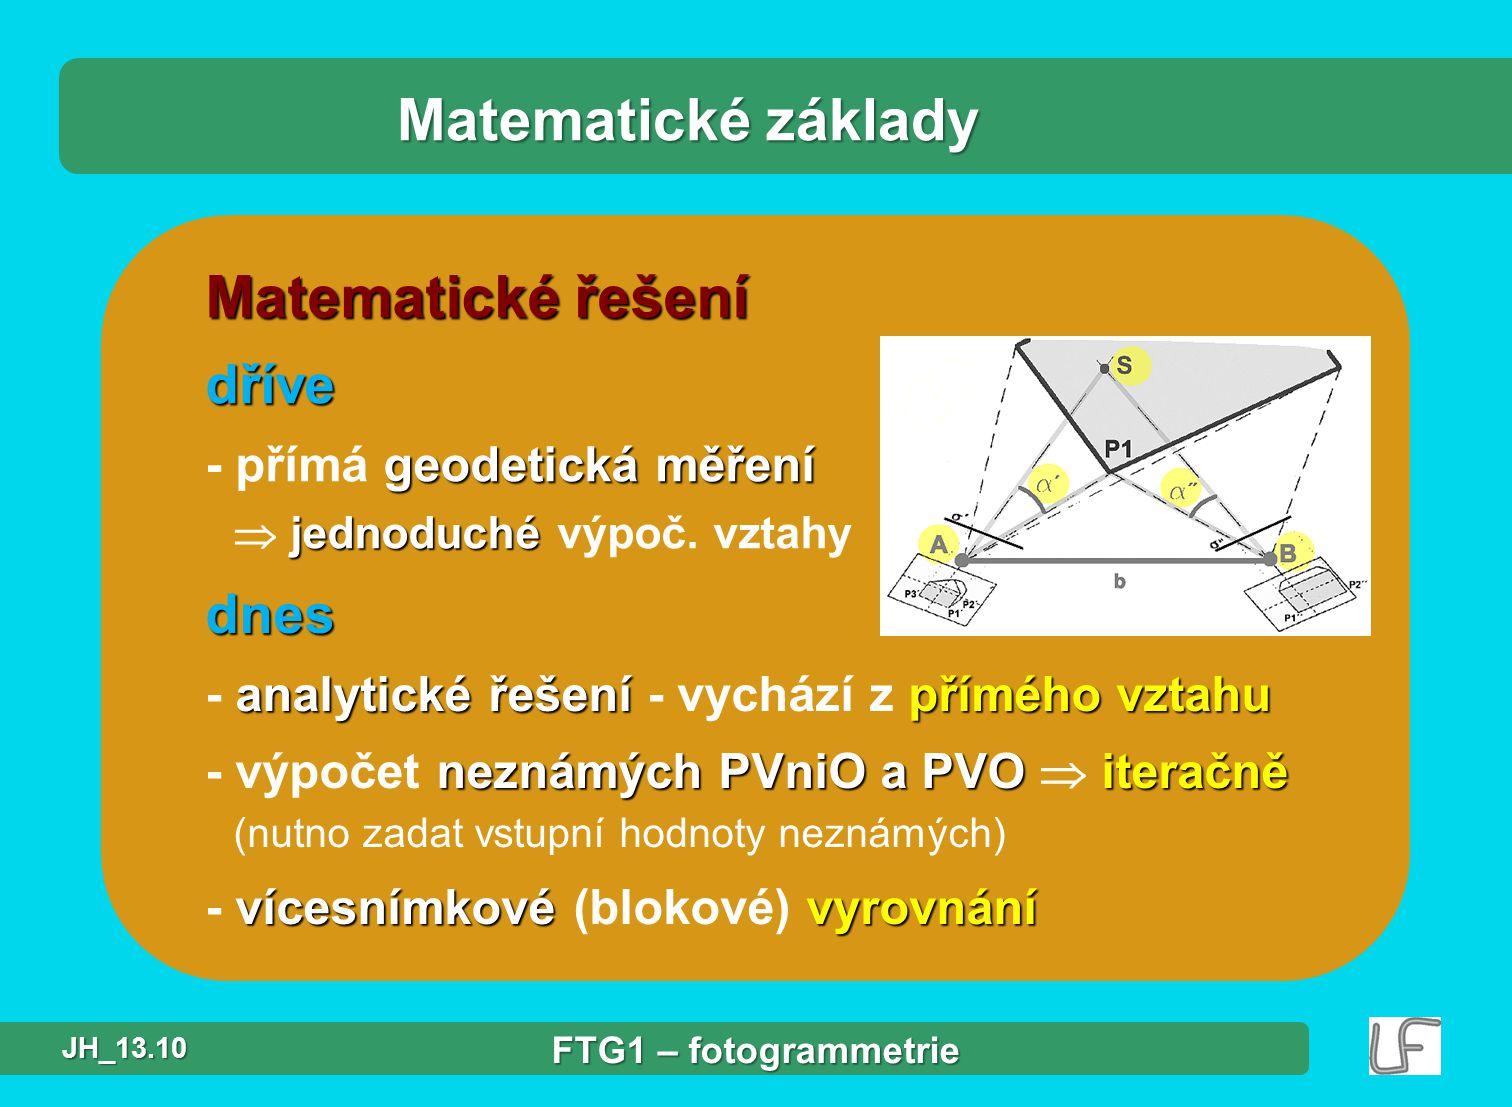 Matematické řešení dříve geodetická měření - přímá geodetická měření jednoduché  jednoduché výpoč. vztahy Matematické základy dnes analytické řešení